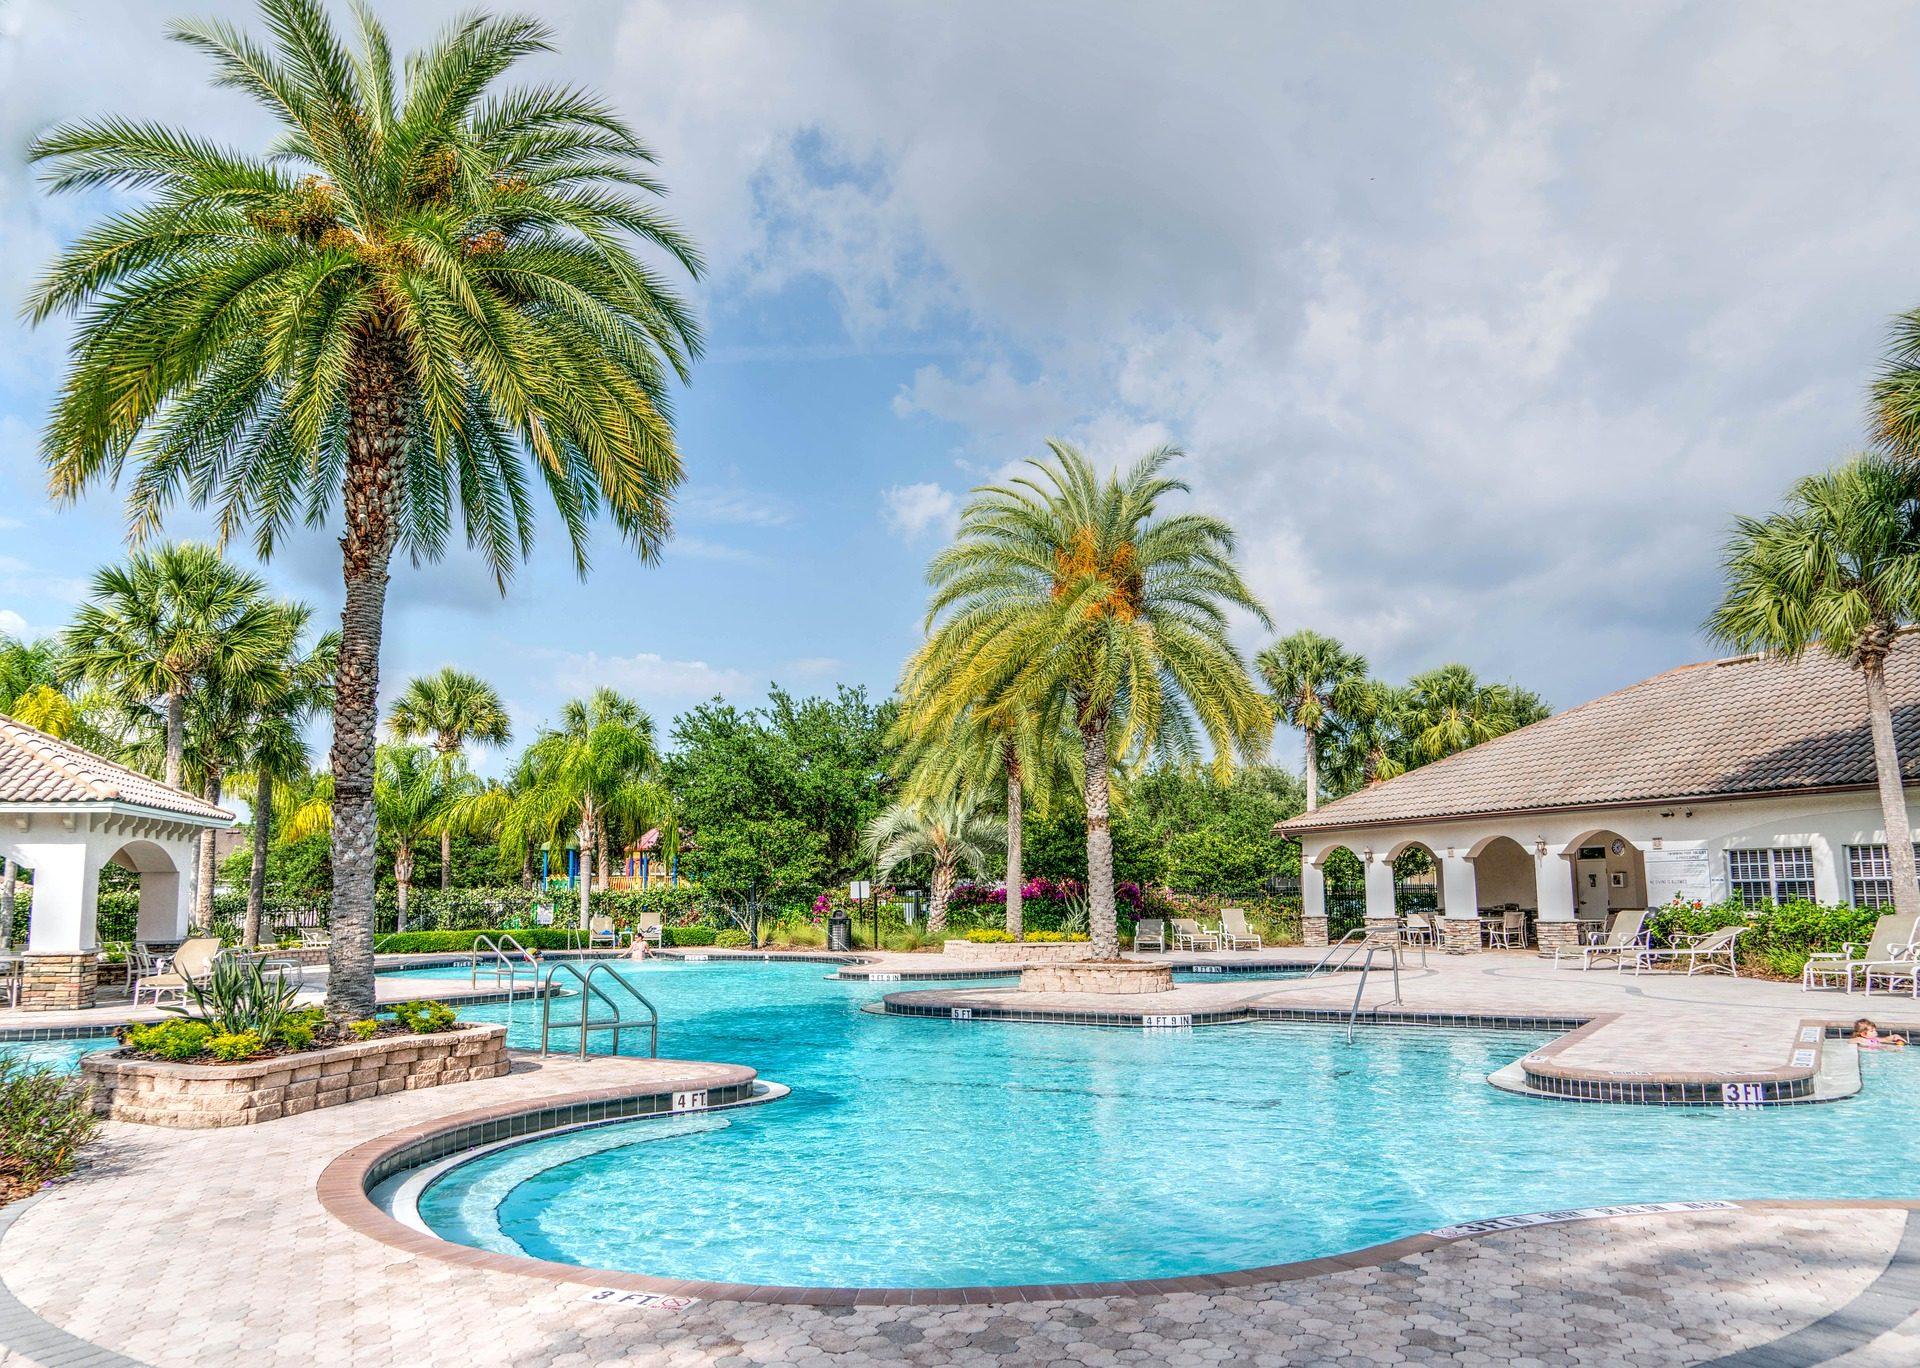 komplexen, Urlaub, Palmen, Pool, Resort, Entspannen Sie sich - Wallpaper HD - Prof.-falken.com